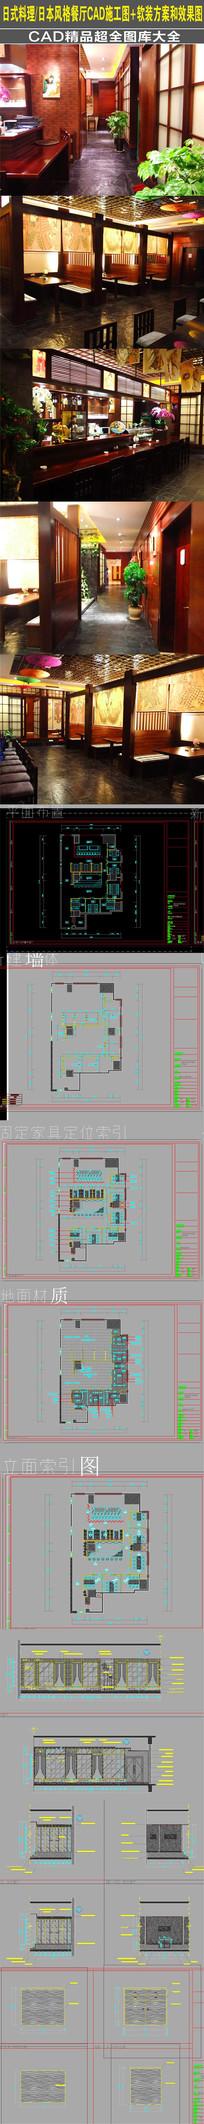 日本风格餐厅CAD施工图